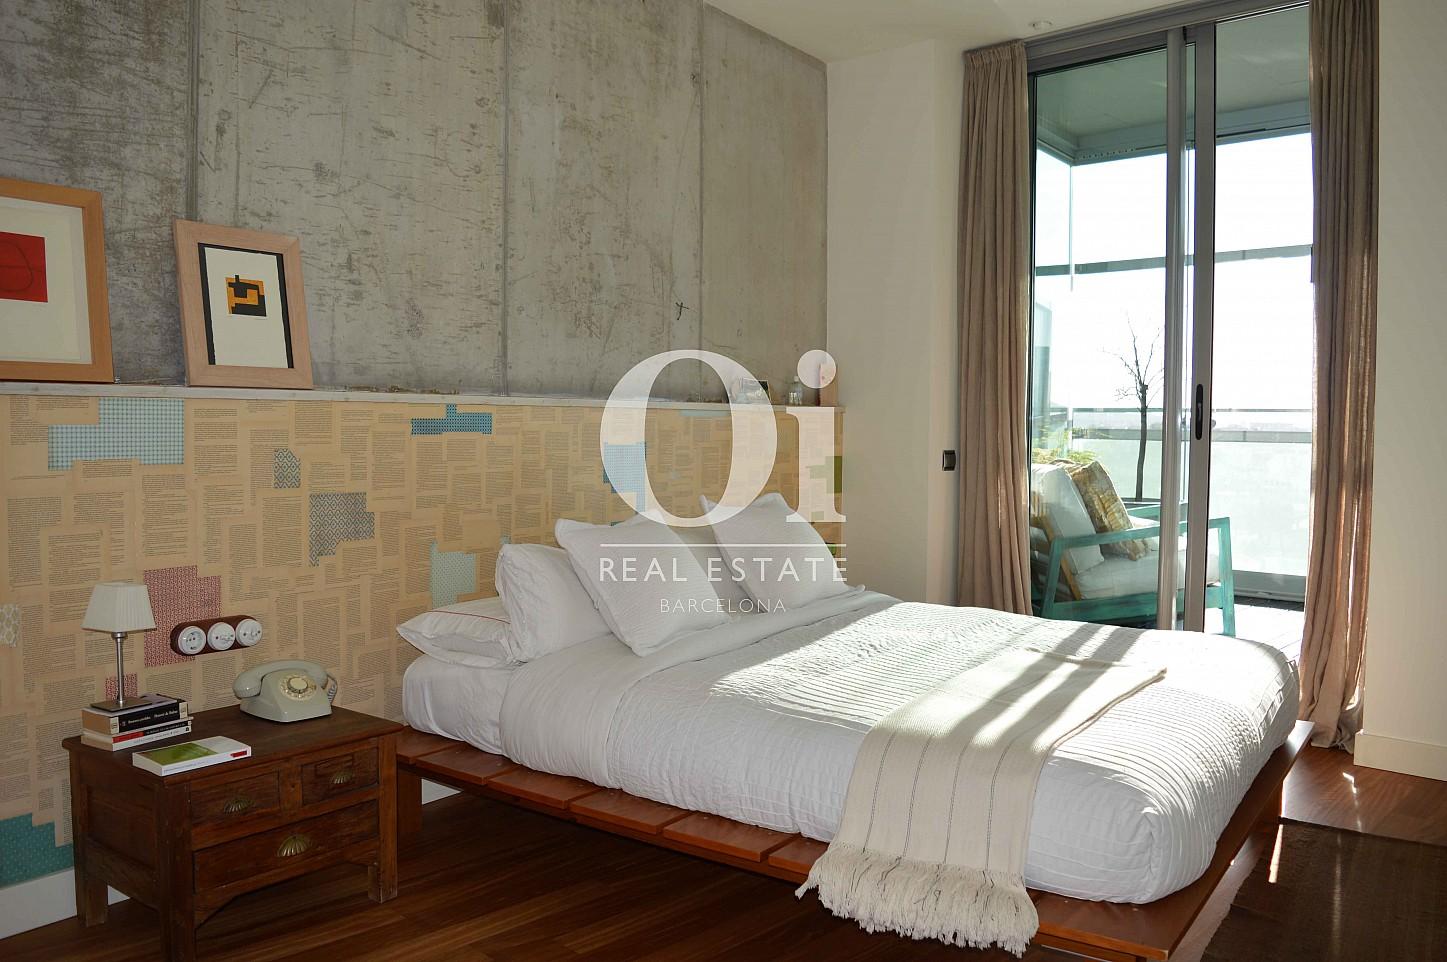 Chambre double d'appartement à vendre à Diagonal Mar, Barcelone